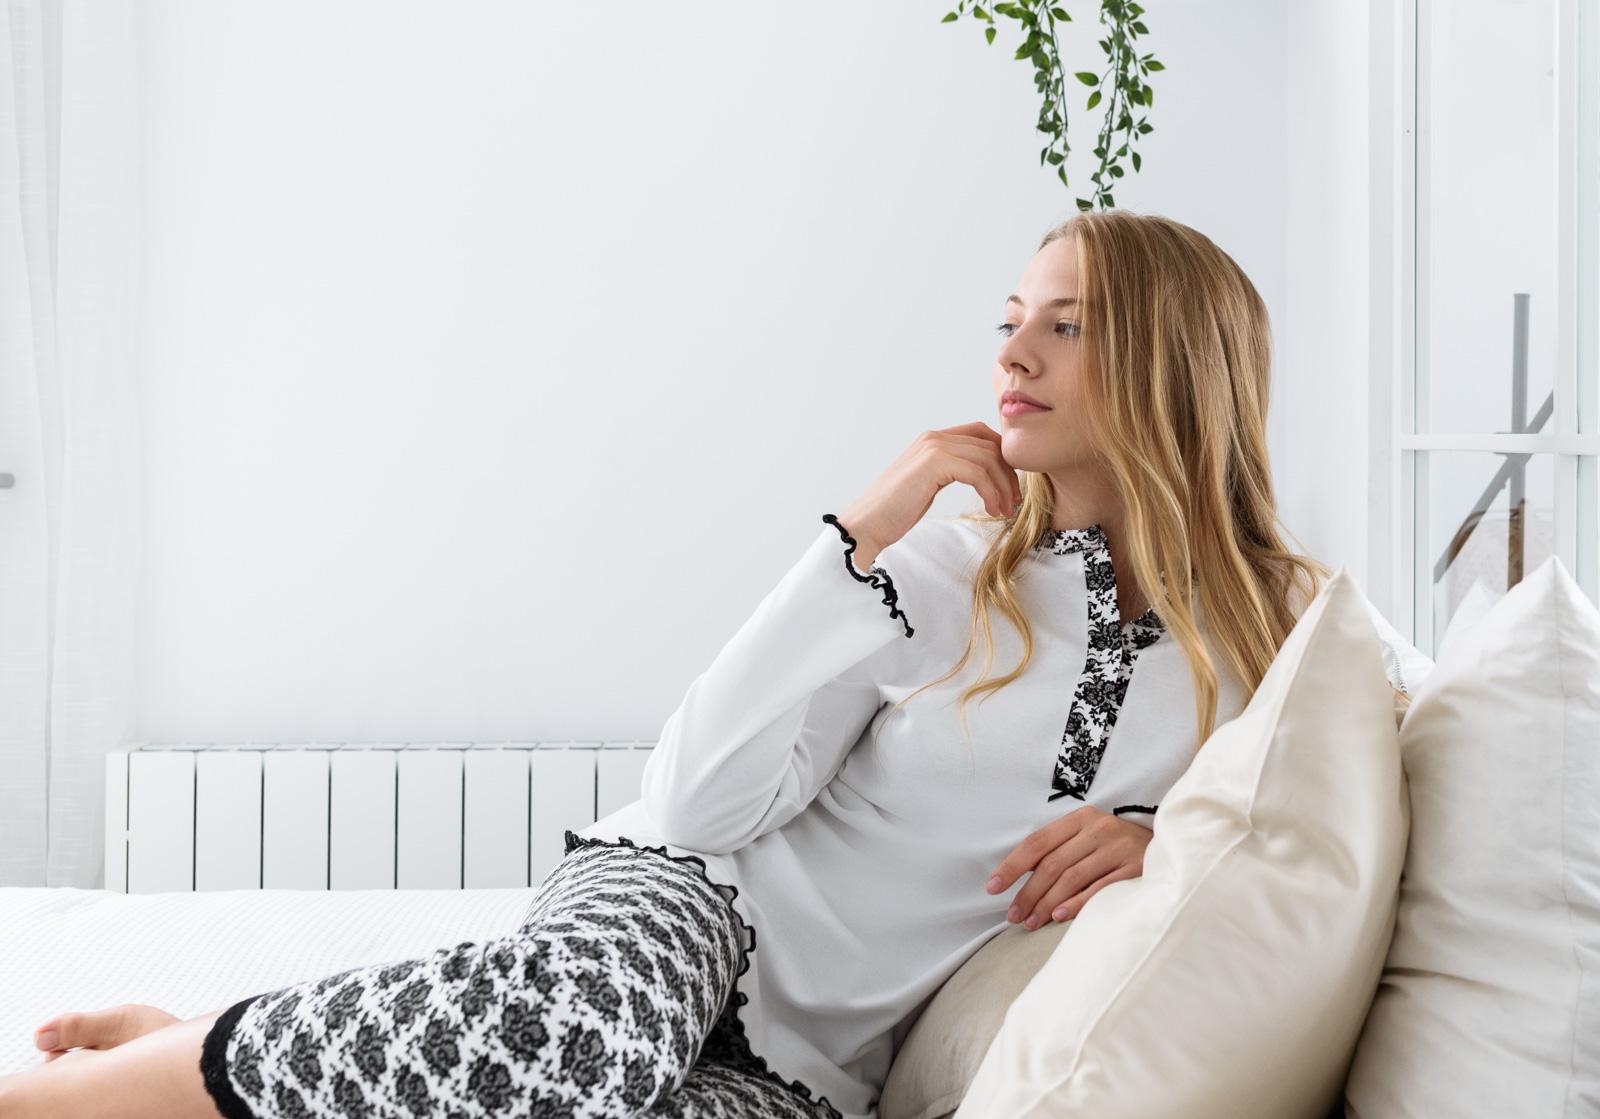 fotografía publicitaria de pijamas